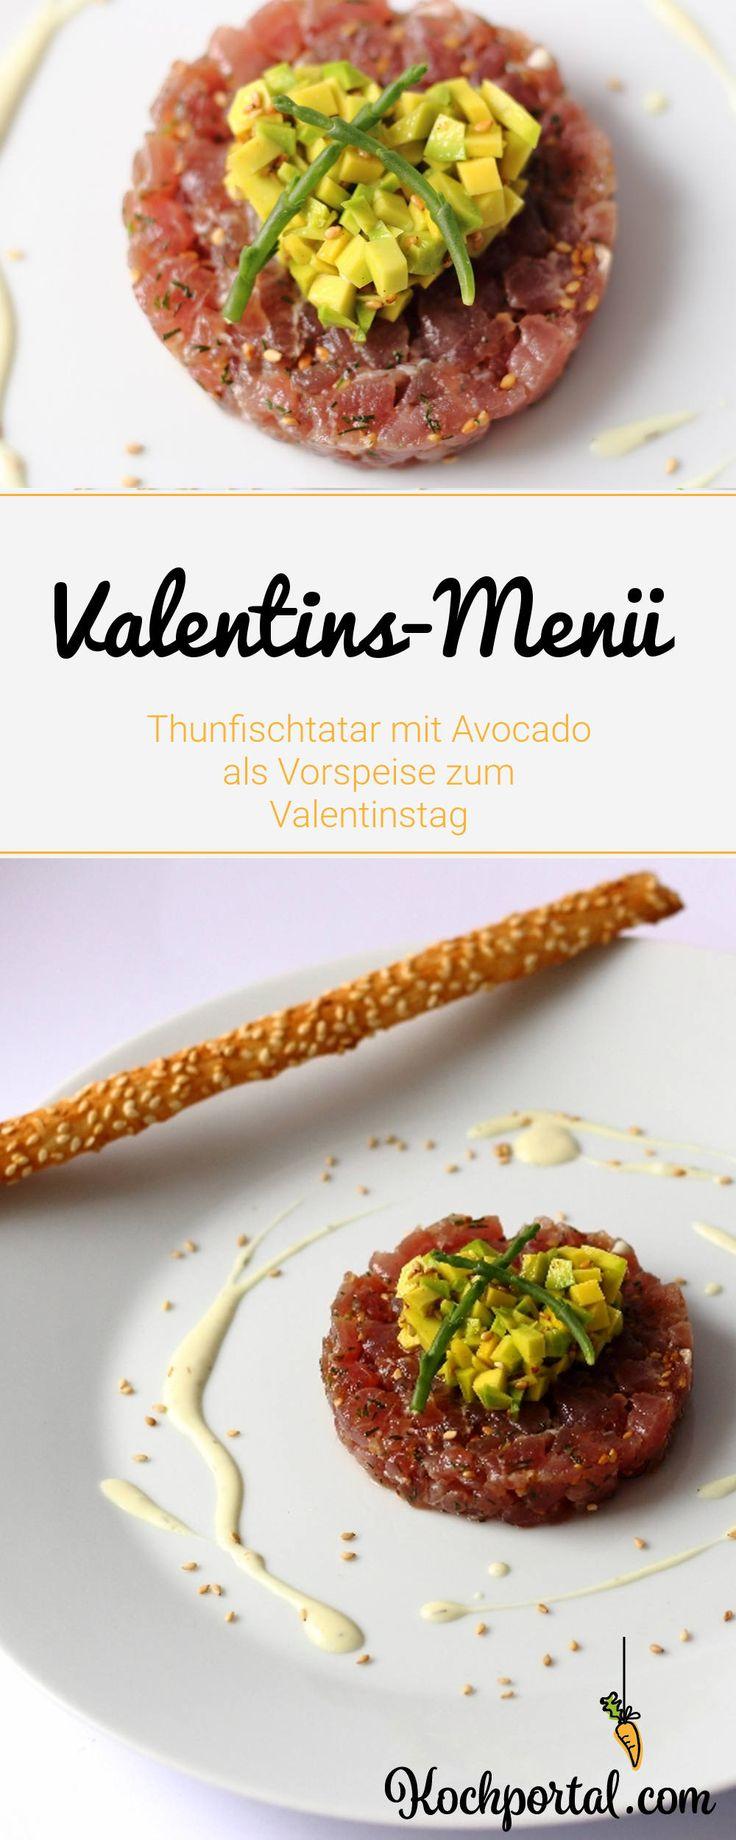 Thunfischtatar mit Avocado als Vorspeise zum Valentinstag - Valentinsmenü mit Thunfisch in der Vorspeise - Rezept für Thunfisch-Avocado-Tatar